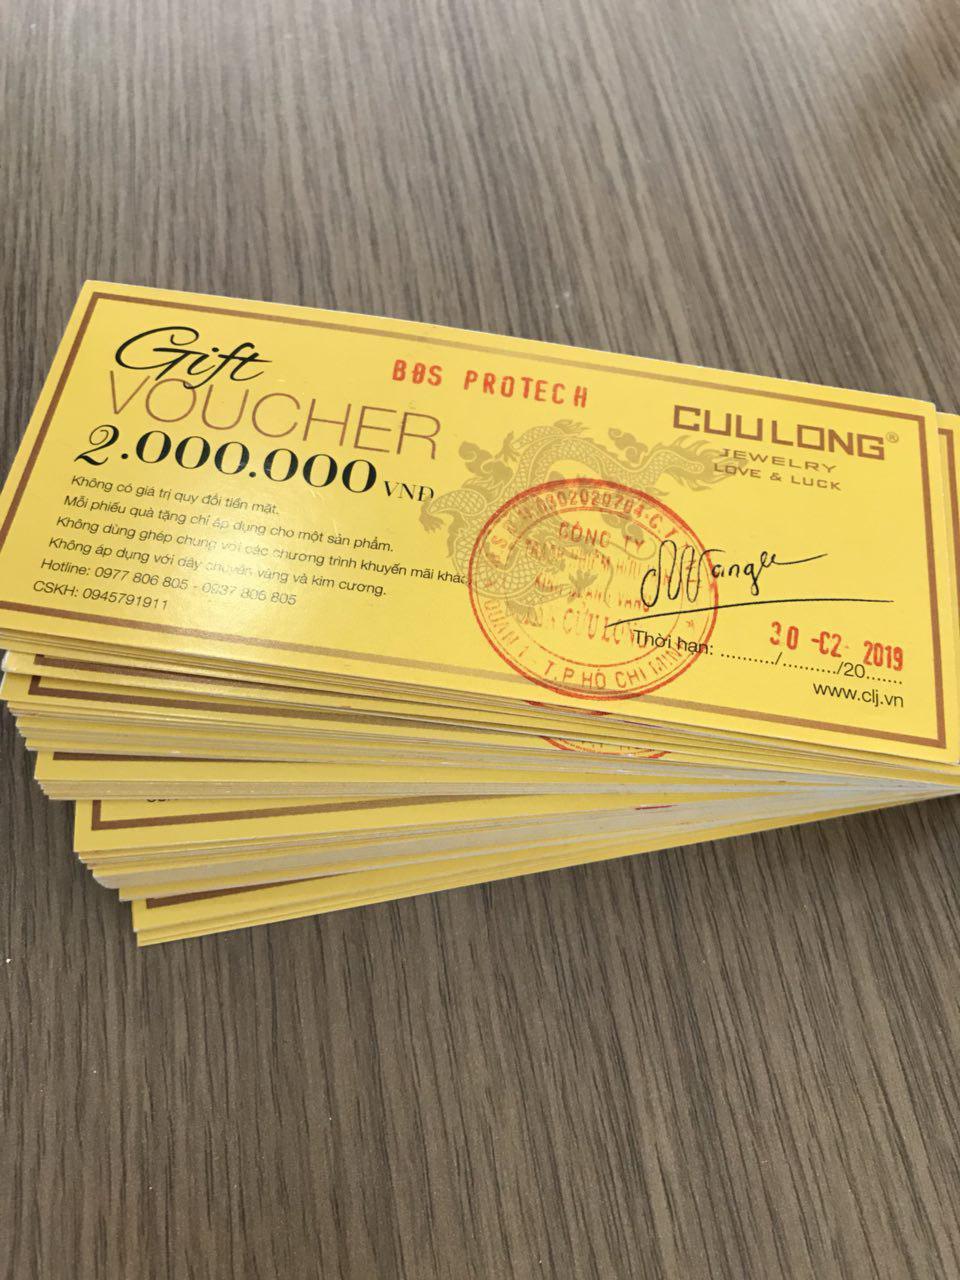 Khu đô thị Nam Sài Gòn: Cơ hội vàng cho nhà đầu tư, chiết khấu 16%, cam kết lợi nhuận tối thiểu 10%,SHR Photo_39